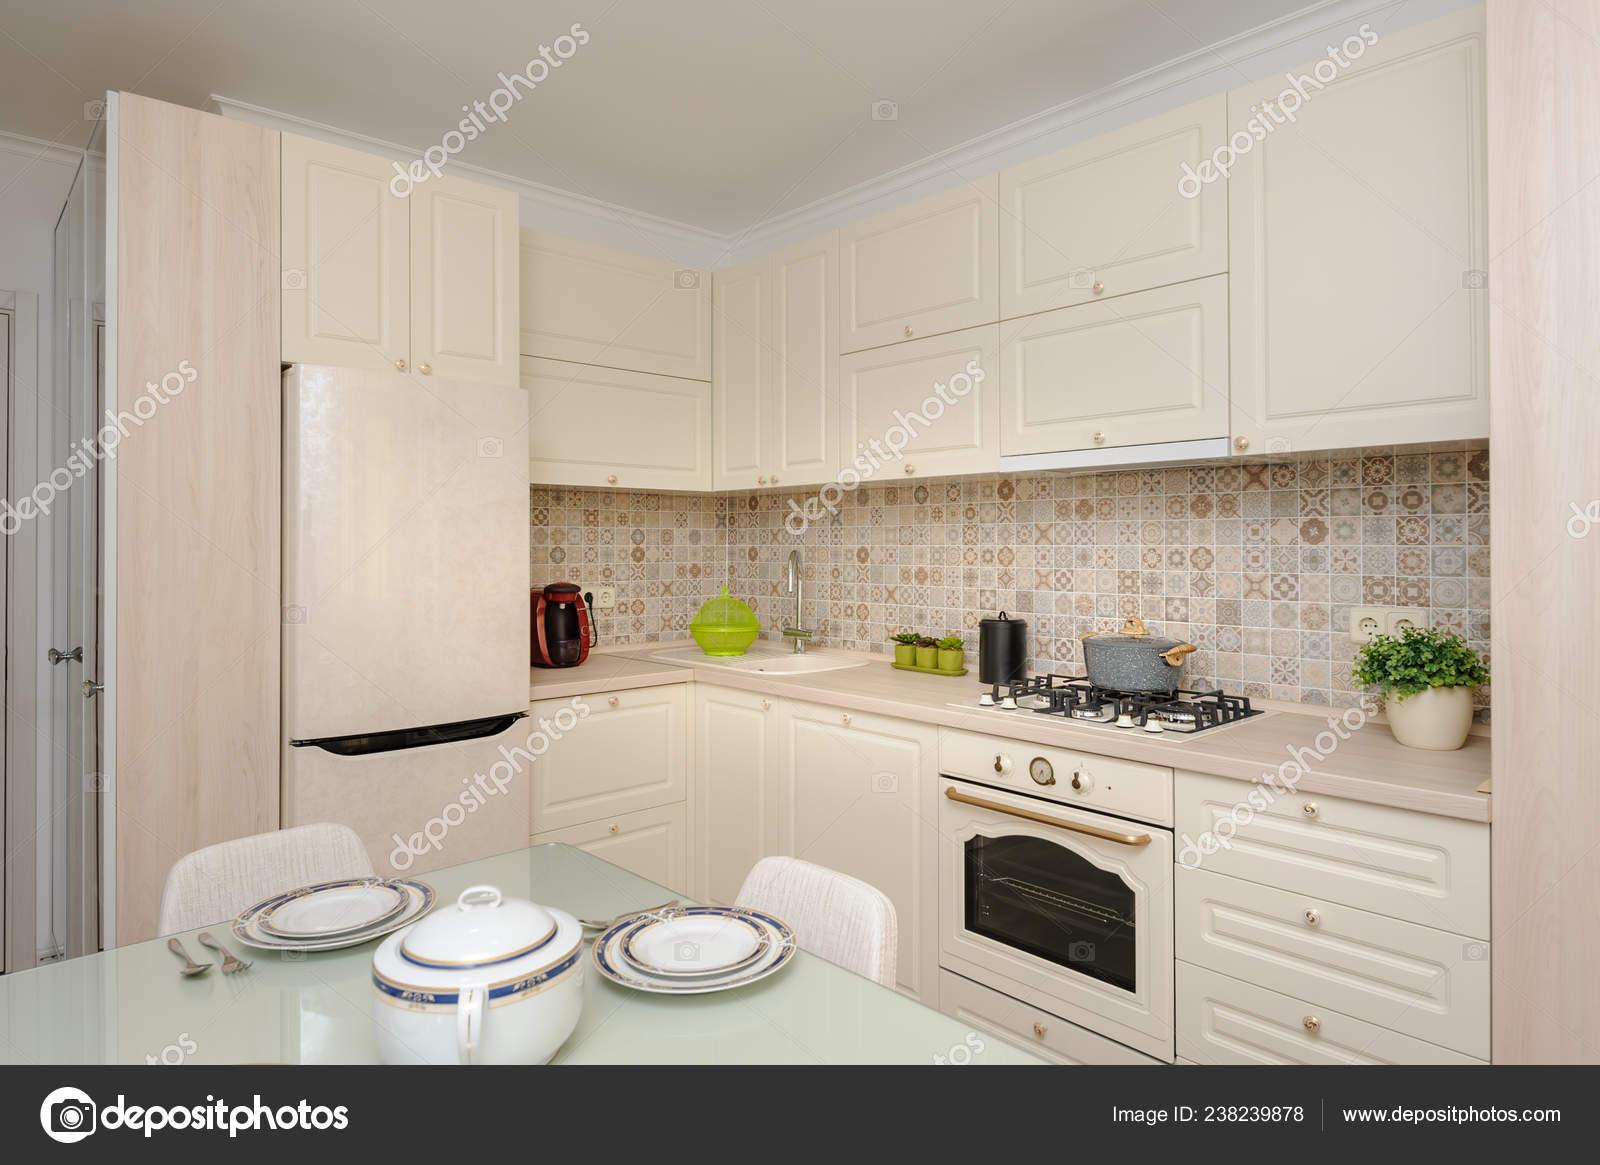 Fantastisch Moderne Beige Gefärbt, Küche Und Esszimmer U2014 Stockfoto